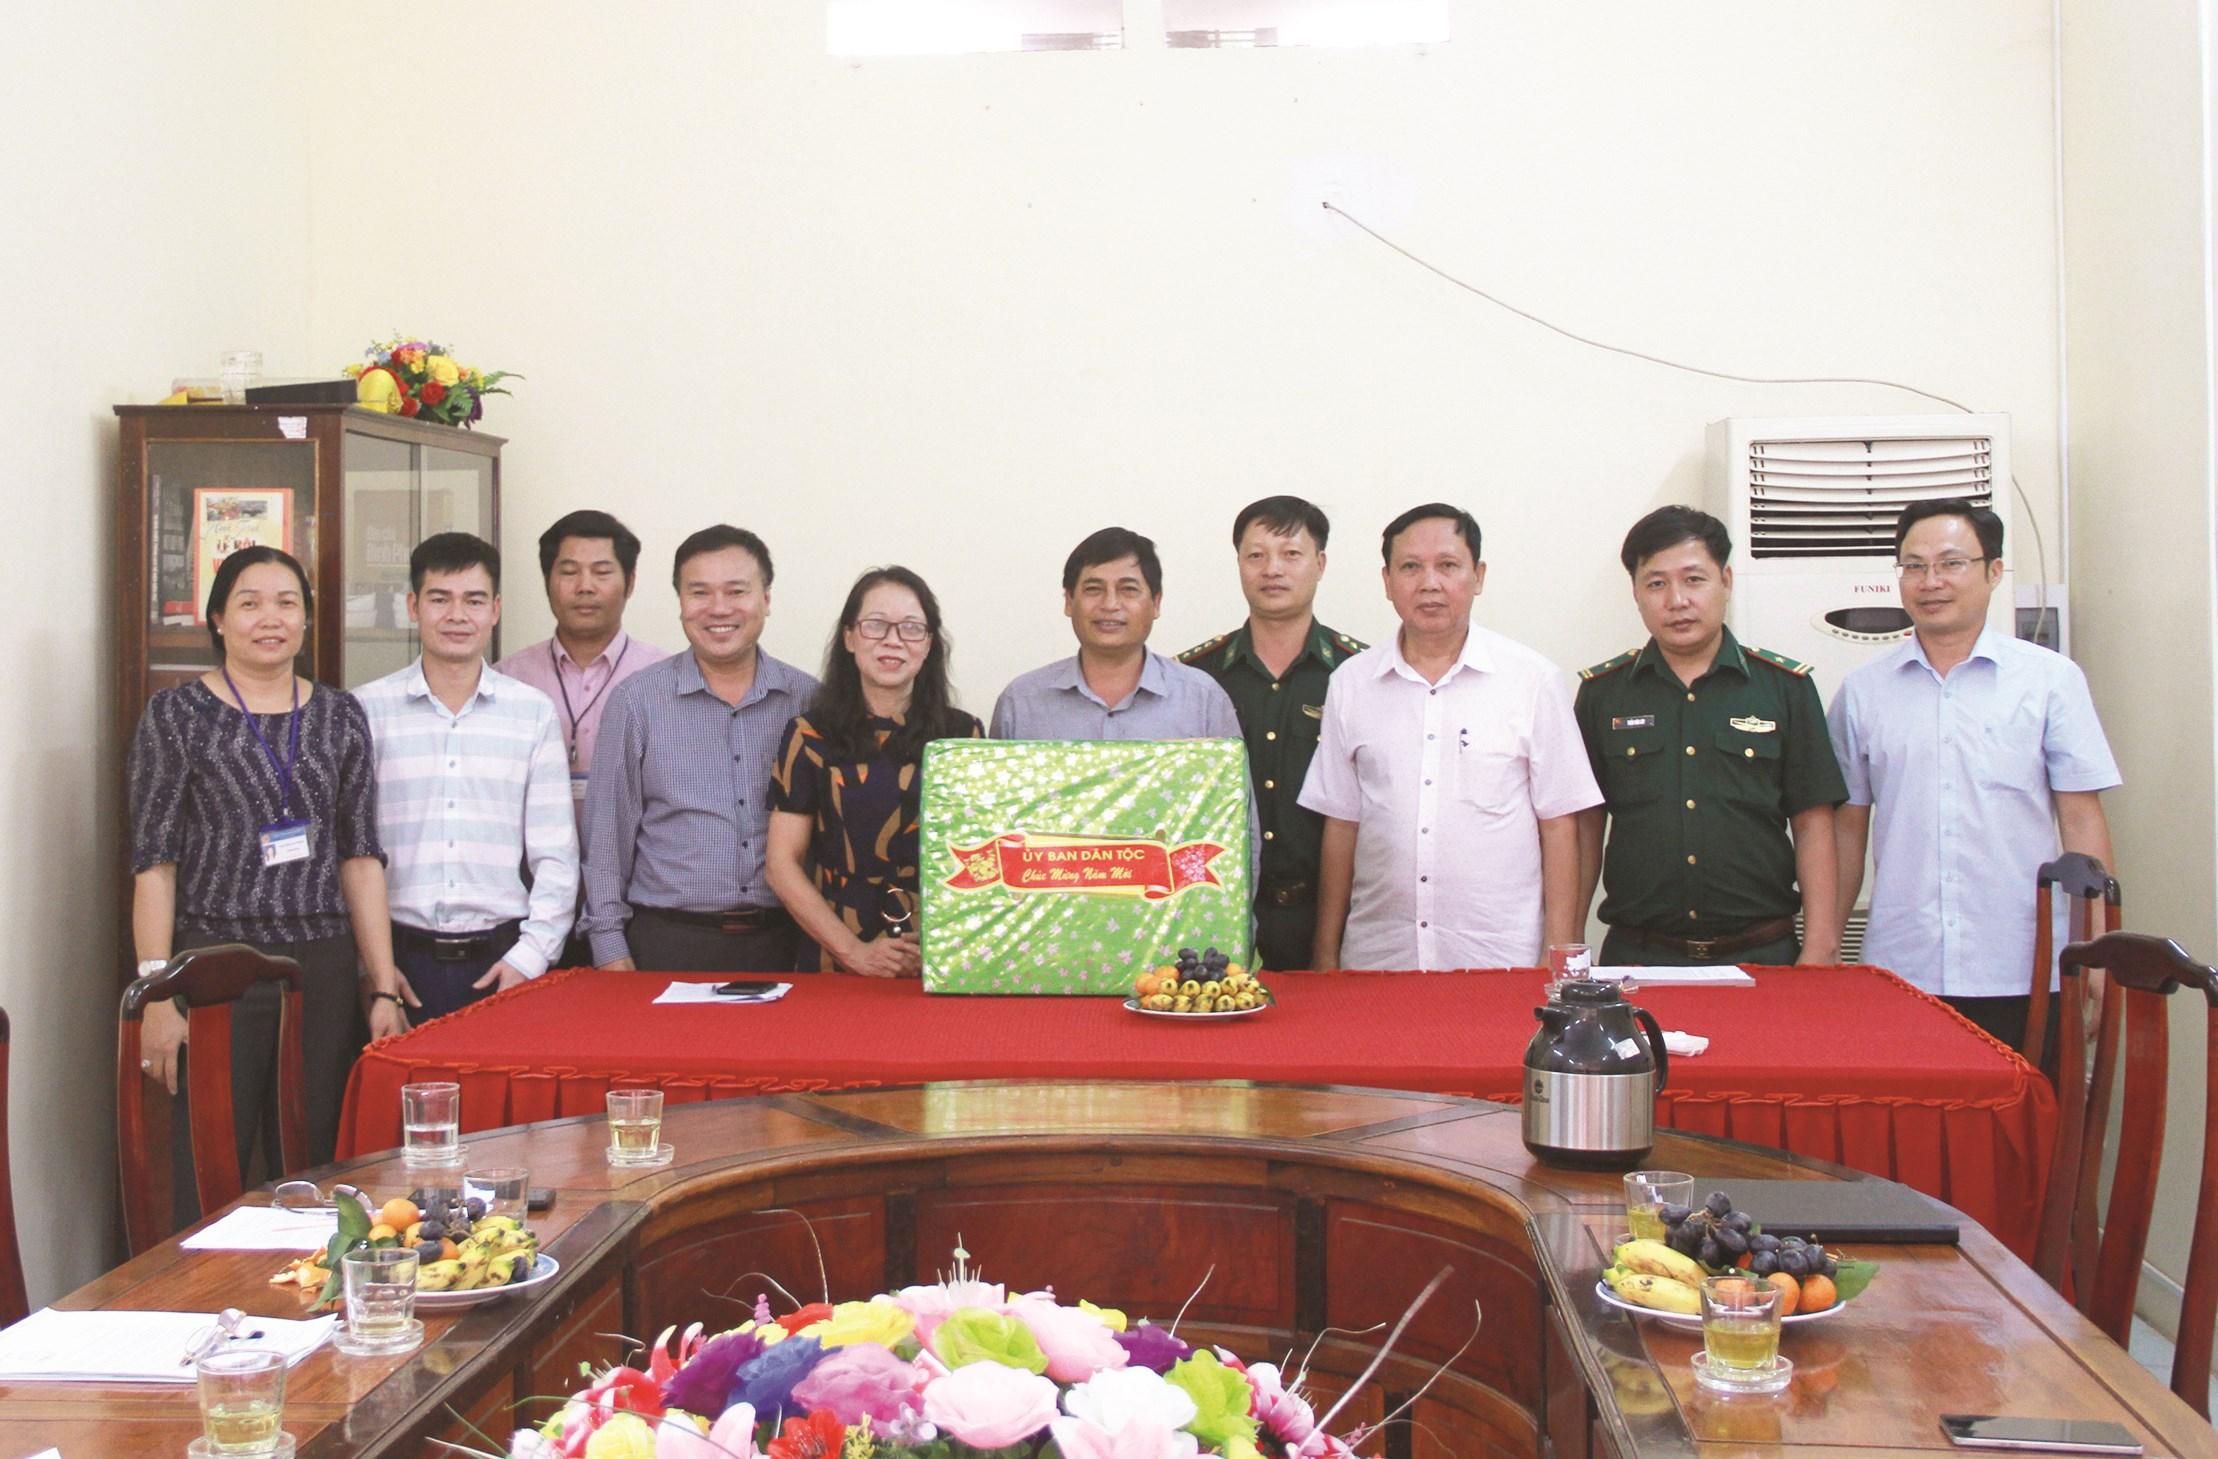 Thứ trưởng, Phó Chủ nhiệm UBDT Hoàng Thị Hạnh tặng quà cho Ban Dân tộc tỉnh Bình Phước